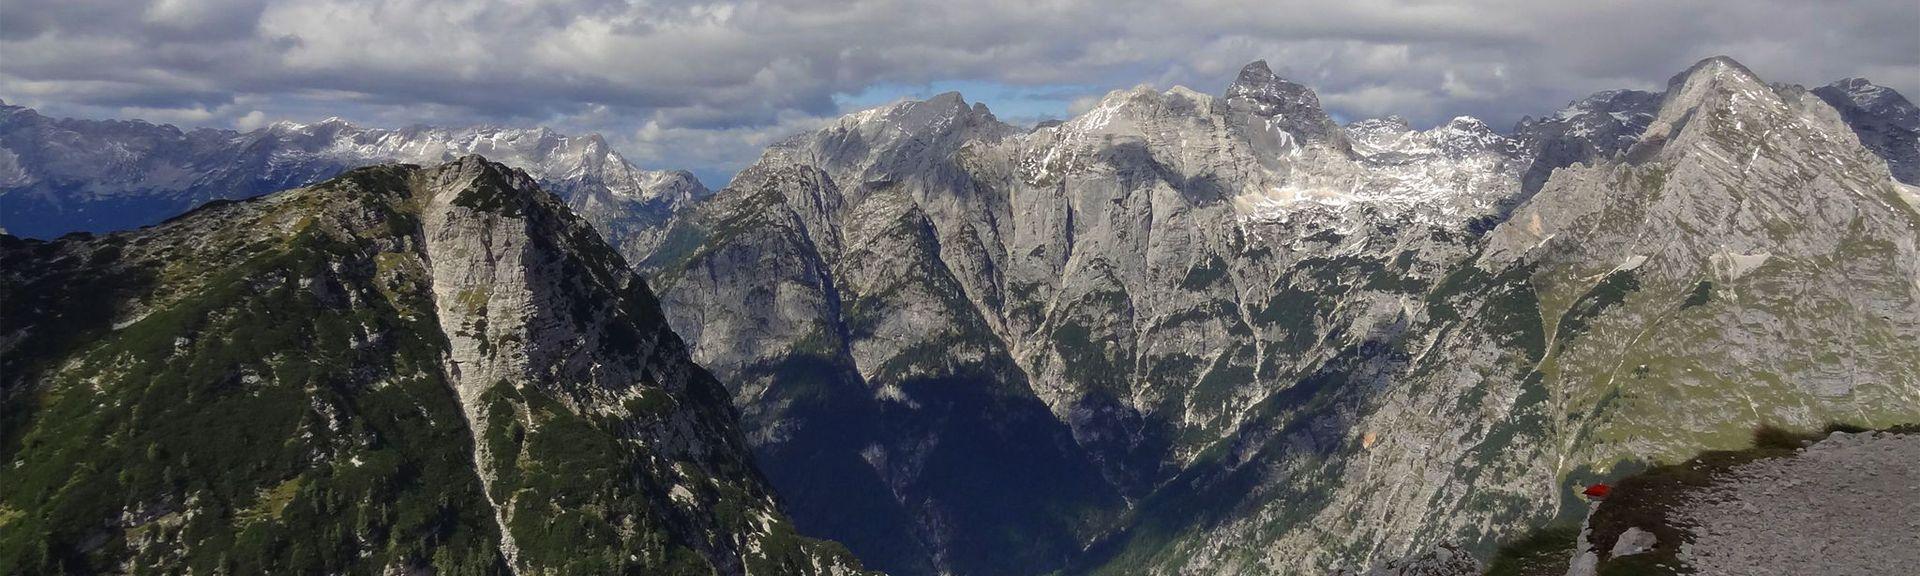 Stara Fuzina, Bohinj, Slovenia